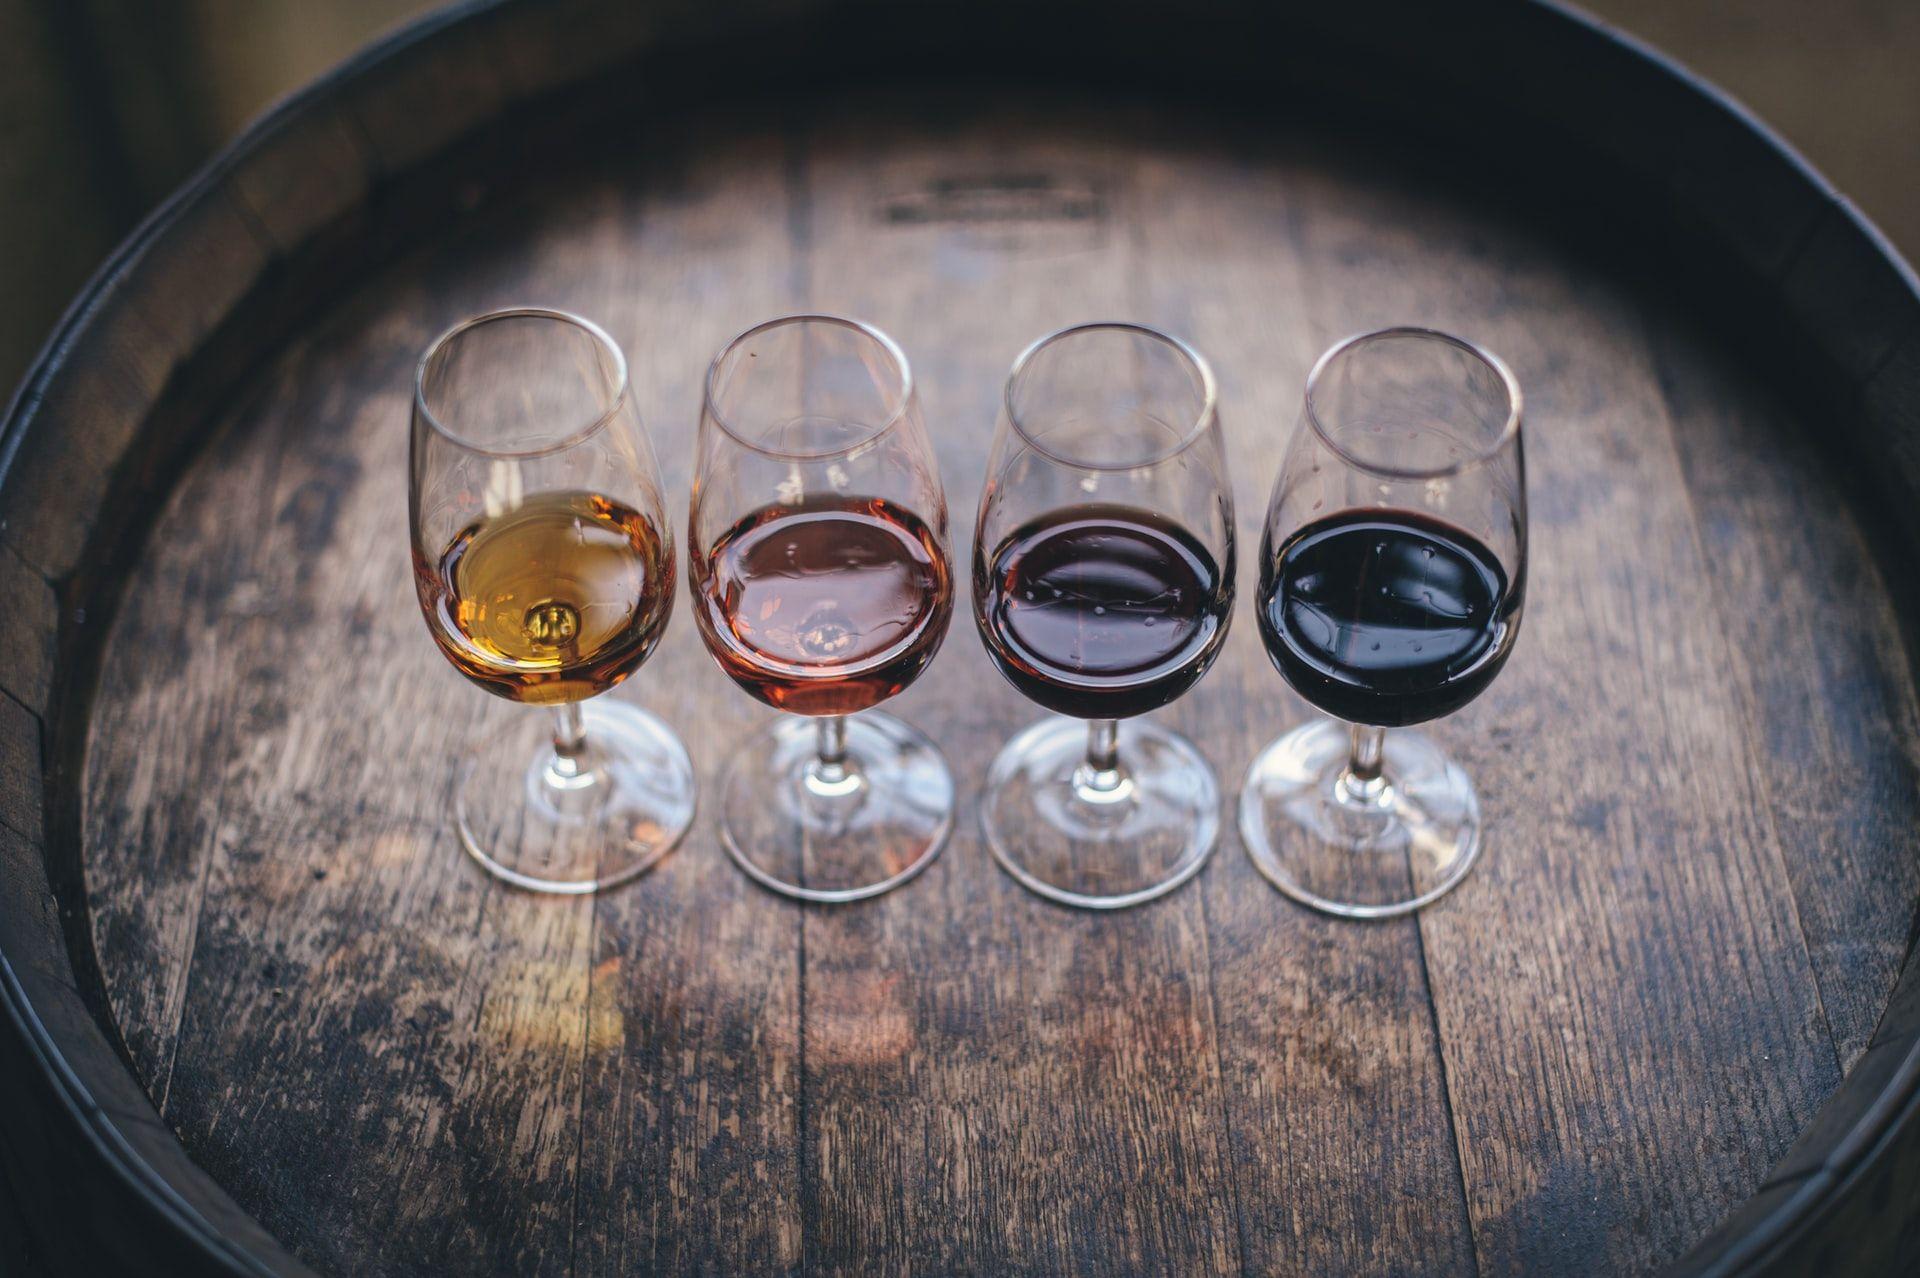 wine glasses on a barrel, rote memorization